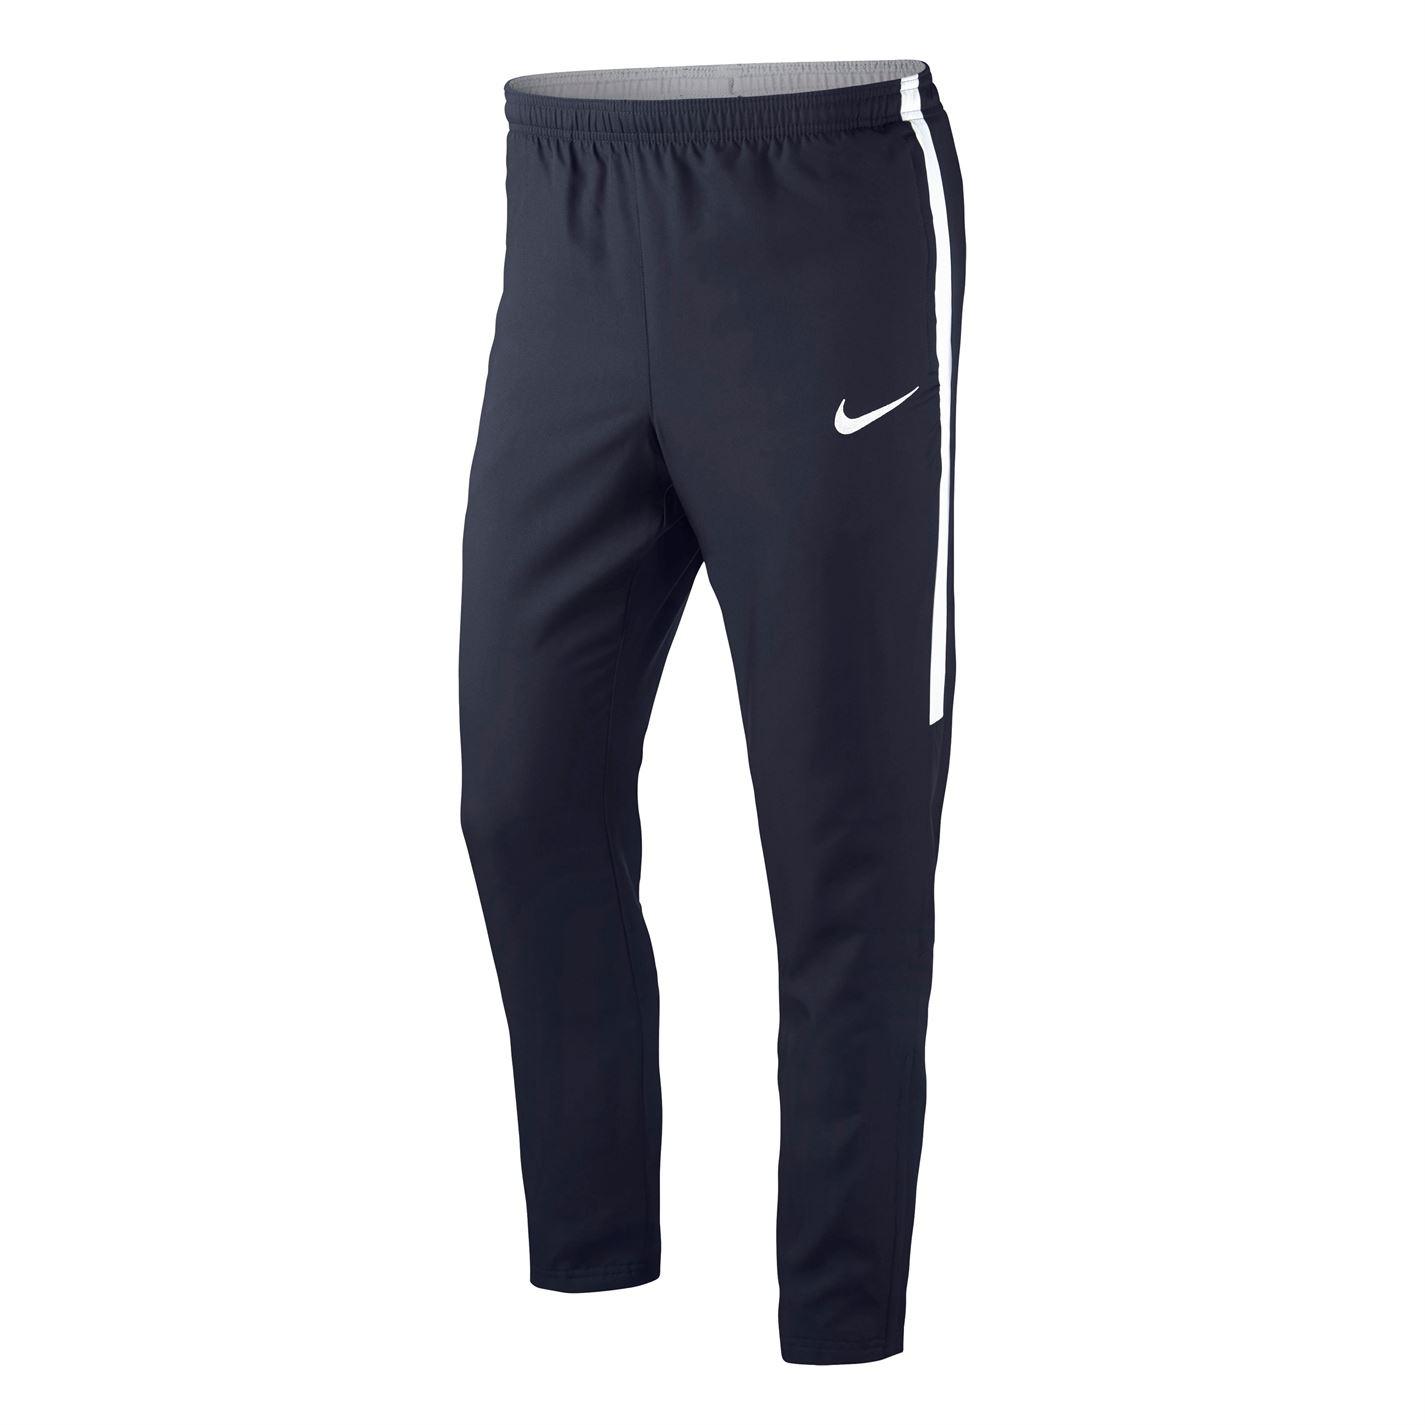 Nike Academy pánske teplákové nohavice